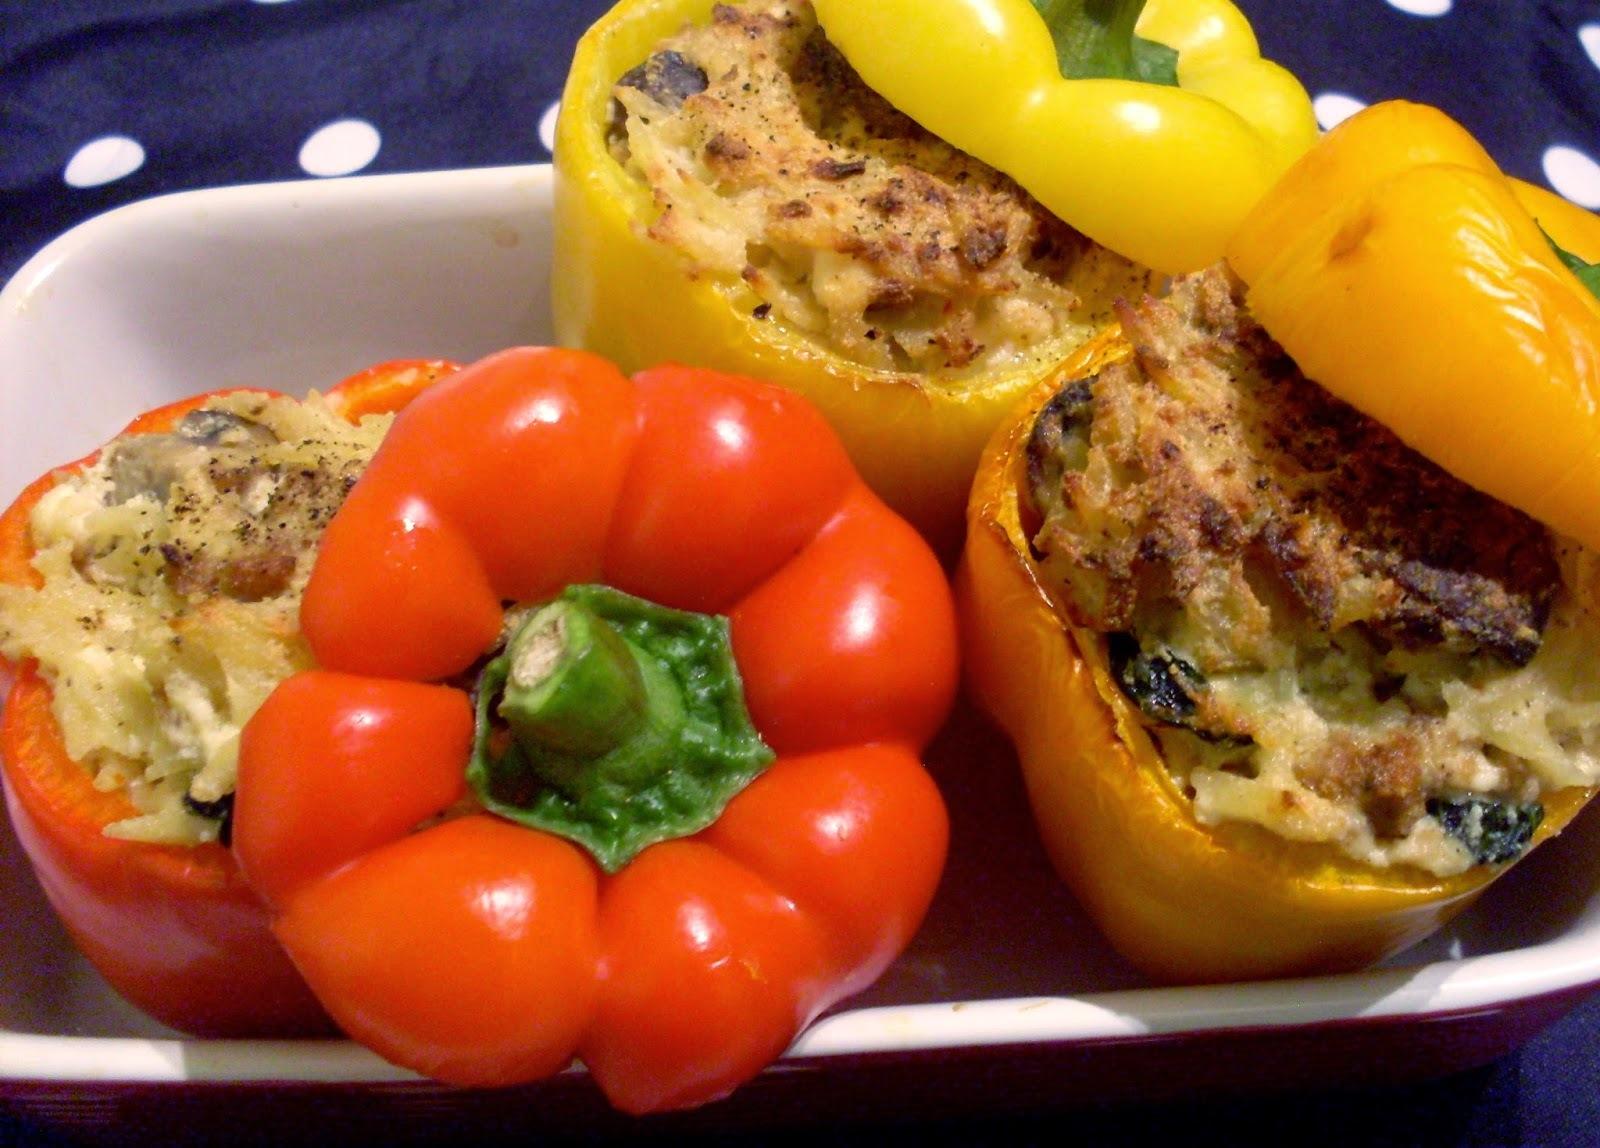 Poivrons farcis aux champignons, orzo, ricotta et saucisse italienne